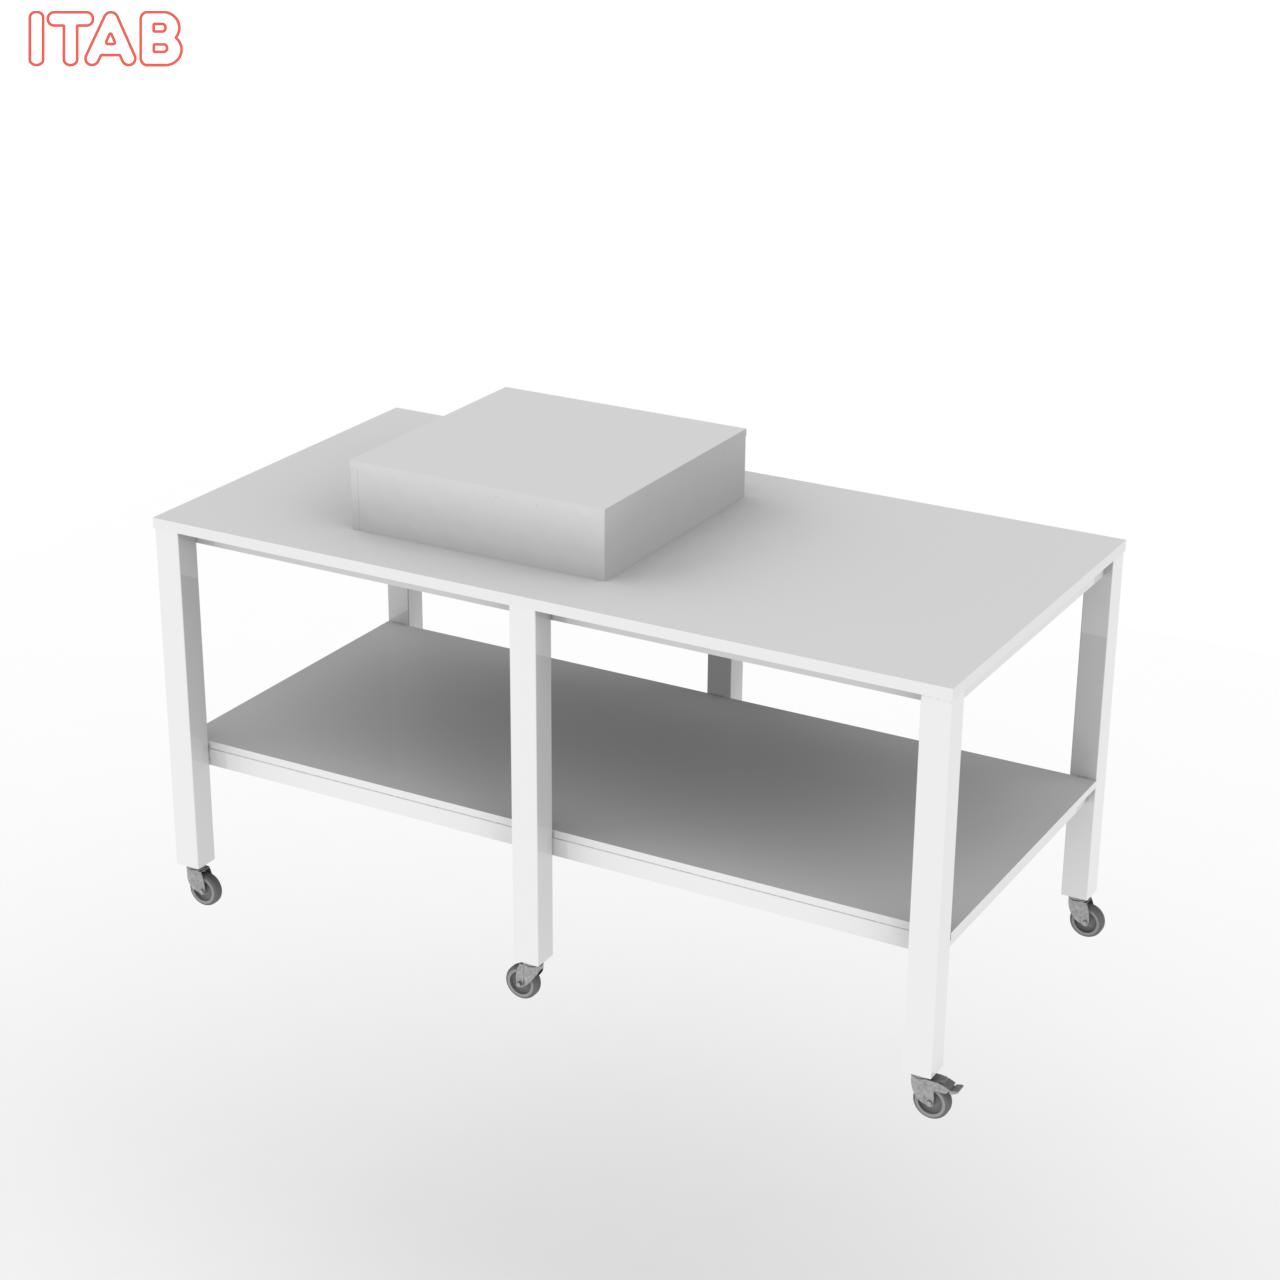 Pöytä 2-taso irtokorokkeella 180x90x90